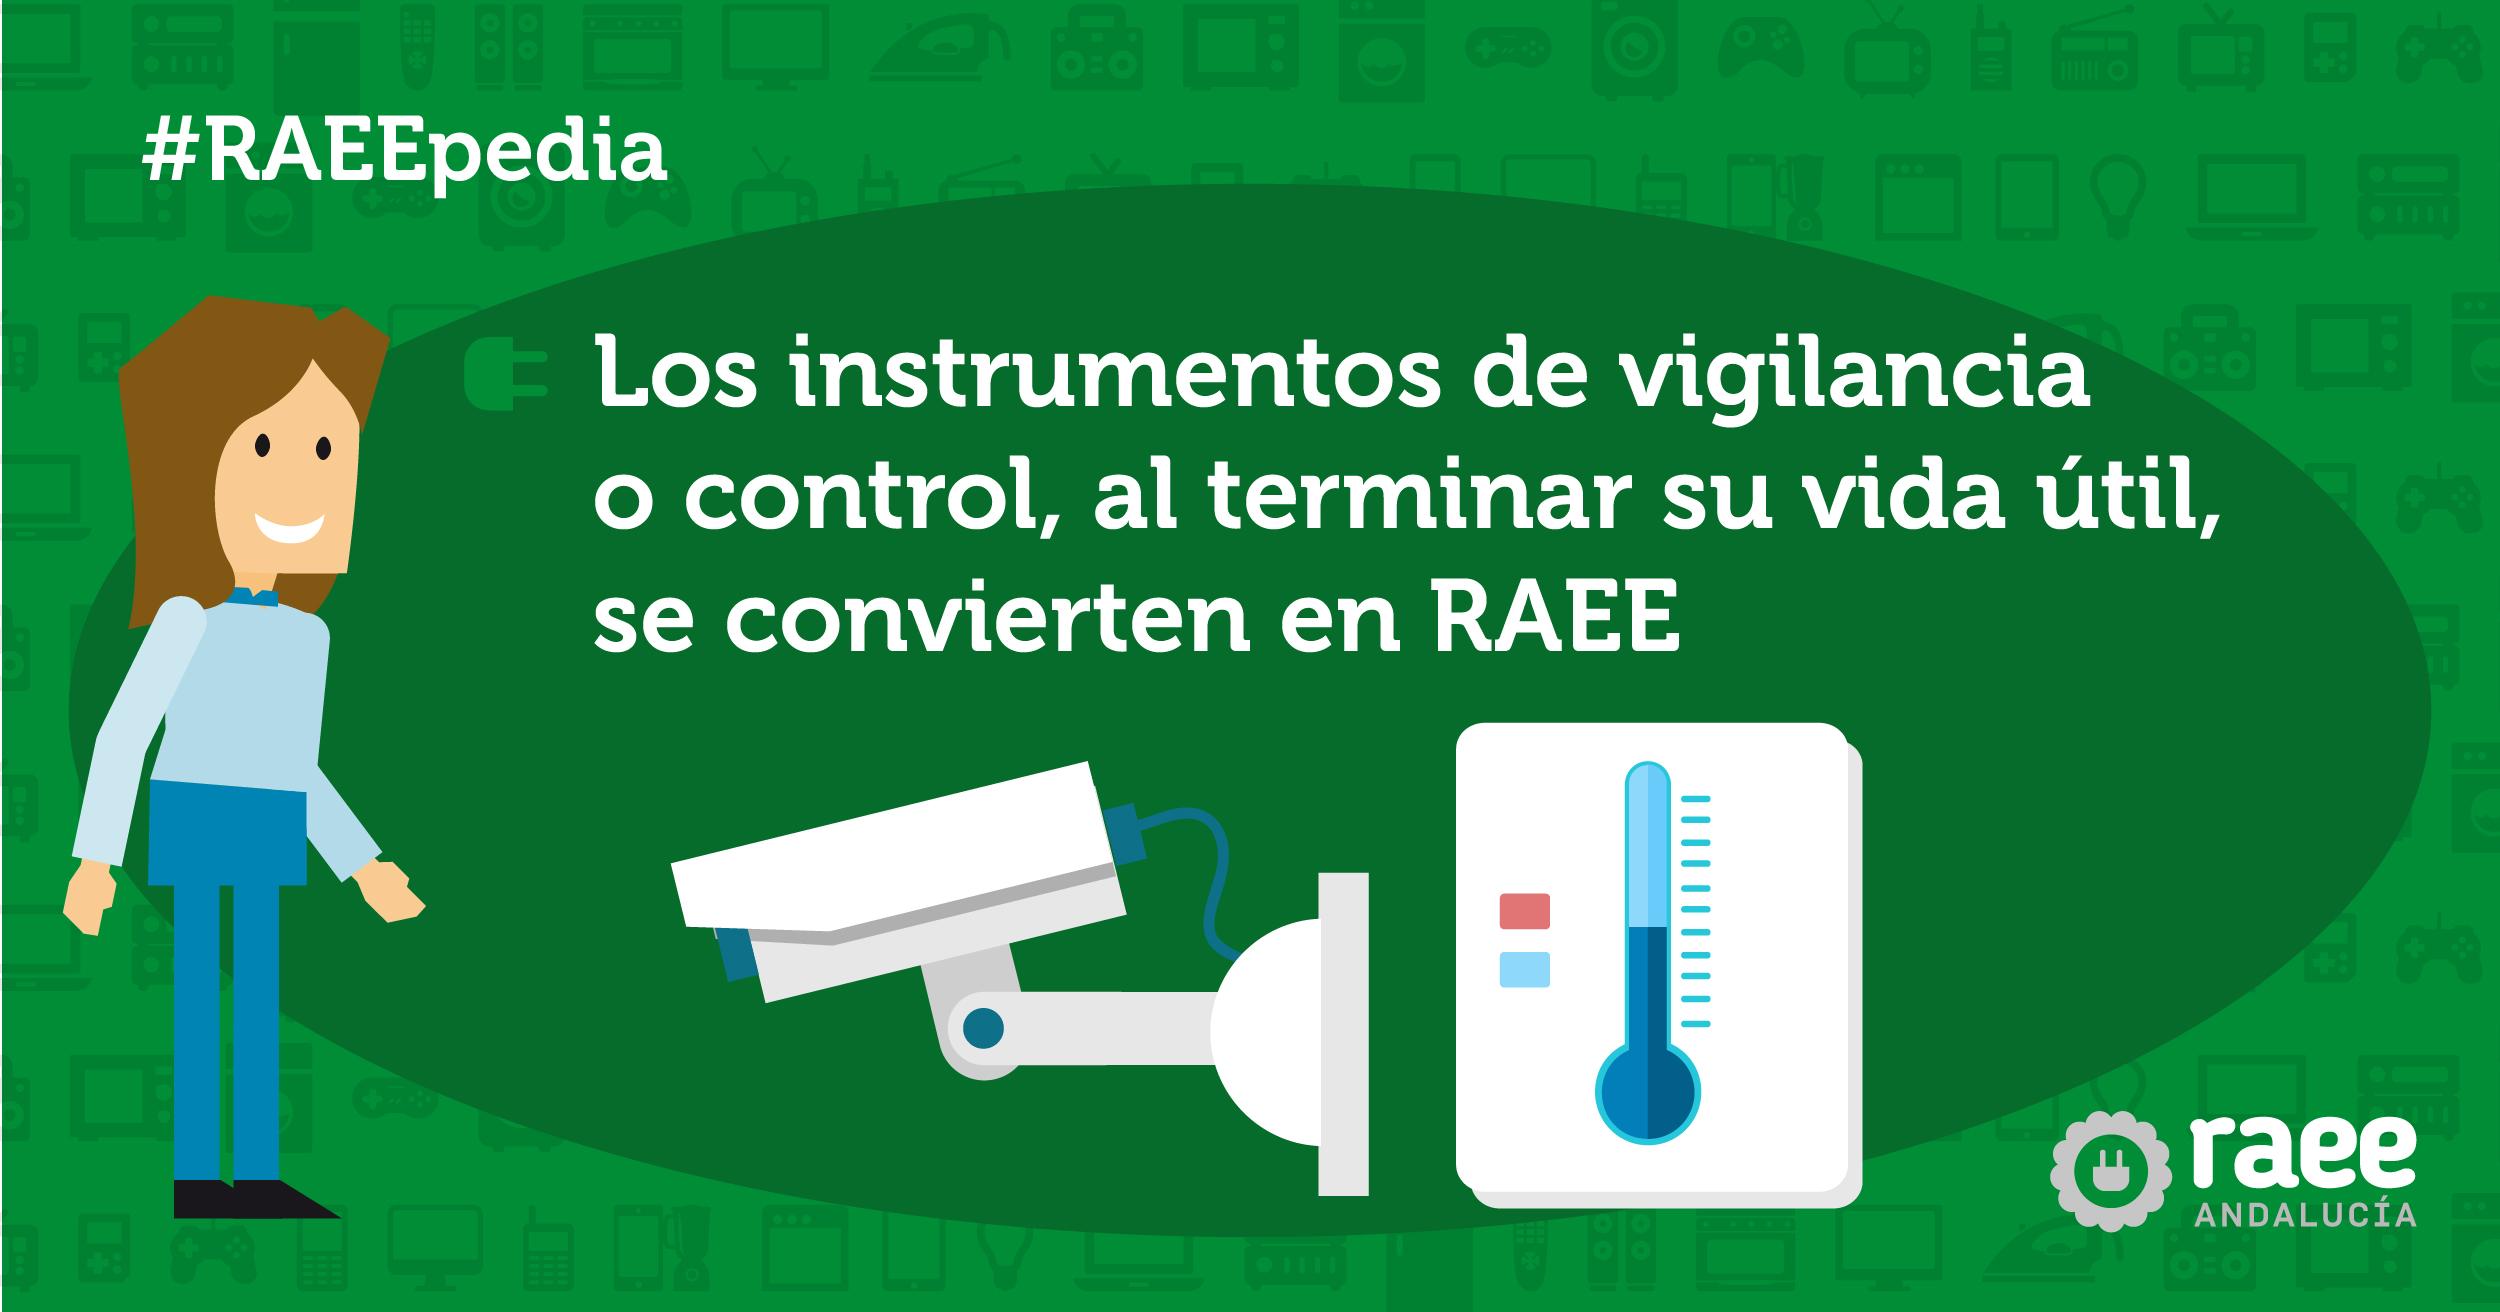 #RAEEpedia: ¿Son los aparatos de vigilancia y control RAEE?